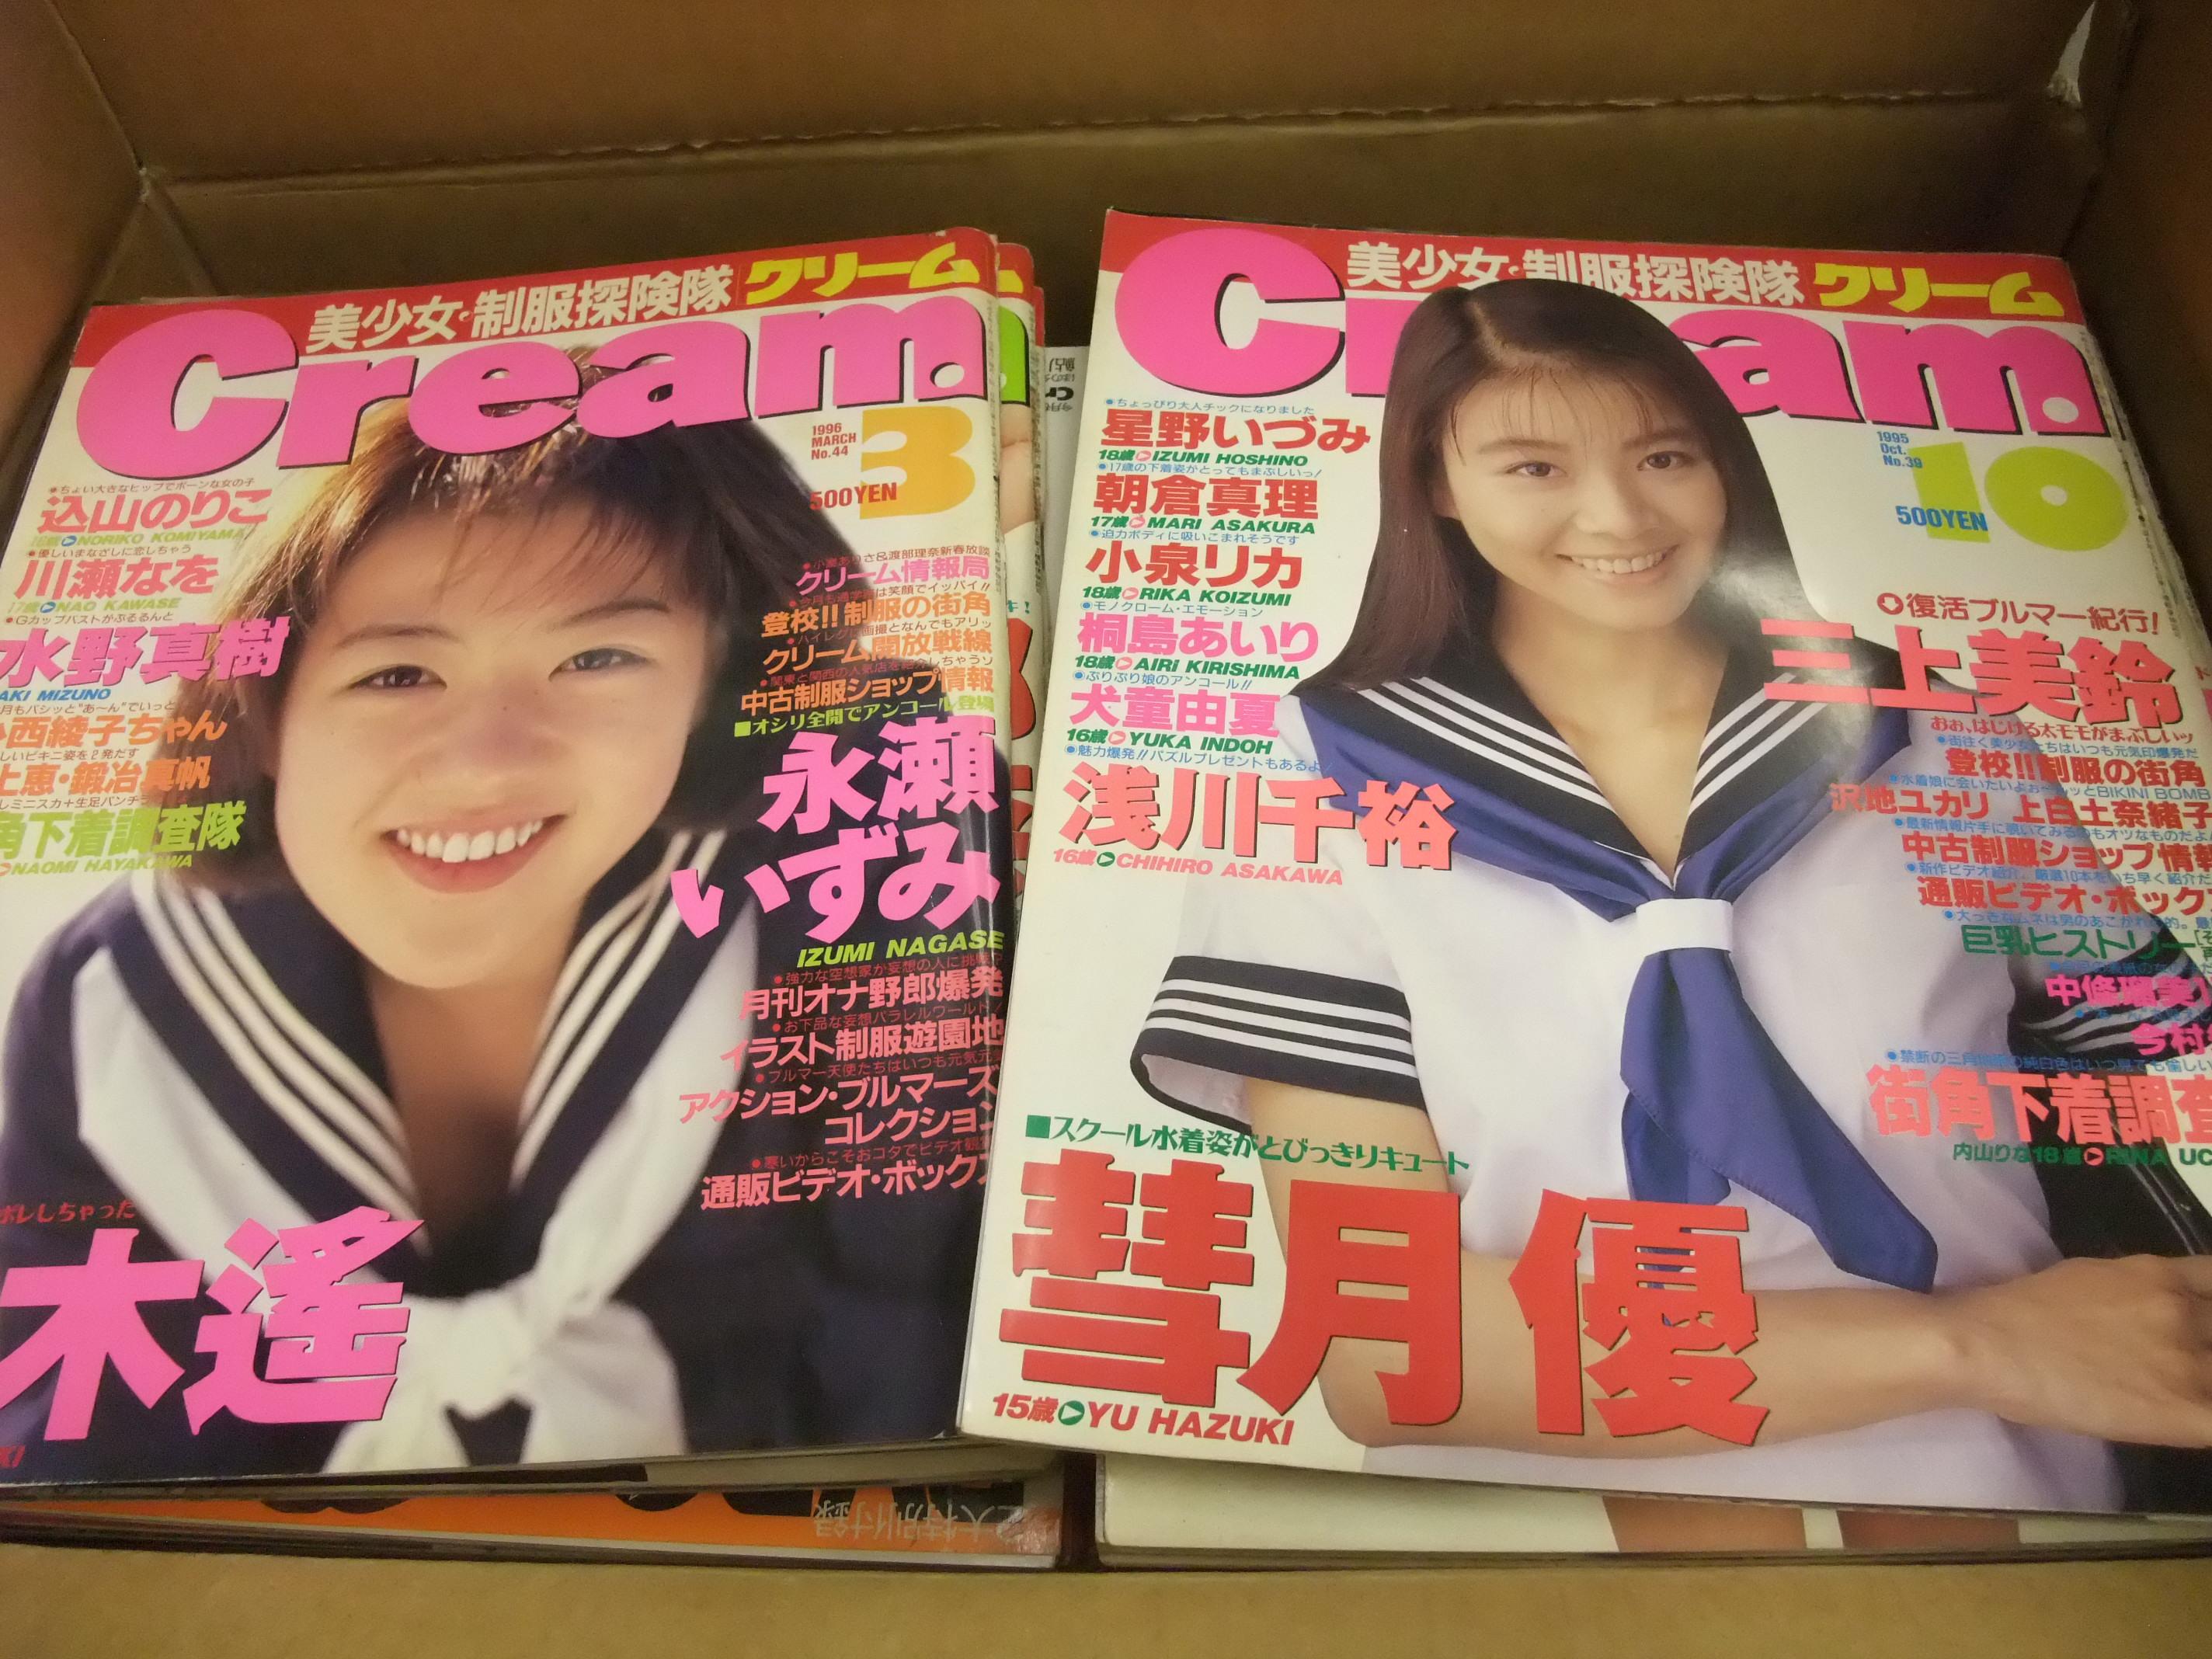 神奈川県 出張買取 写真集・雑誌「 クリーム セーラメイト」